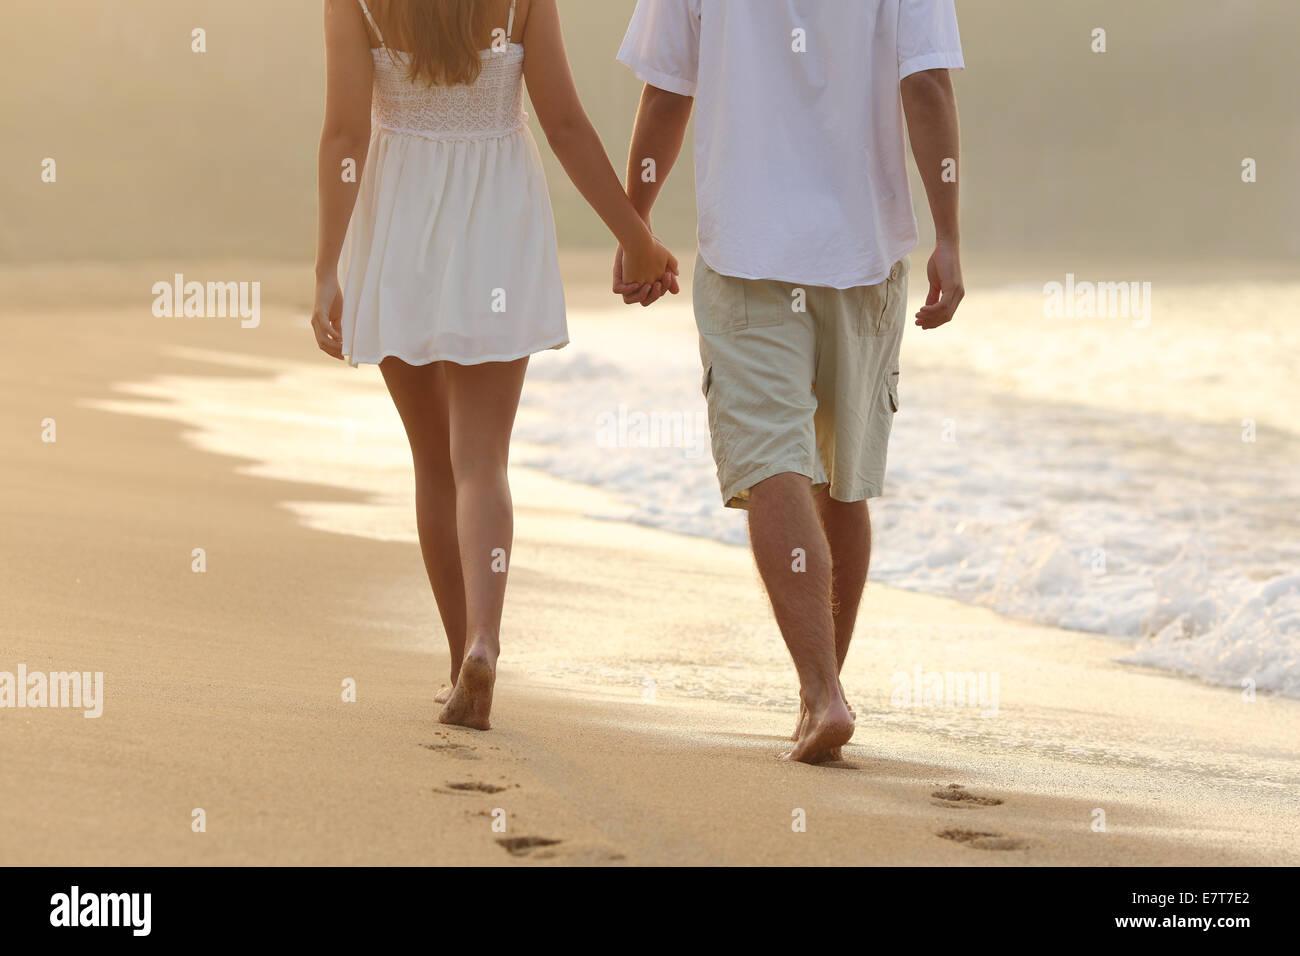 Vue arrière d'un couple de prendre une marche main dans la main sur la plage au lever du soleil Photo Stock